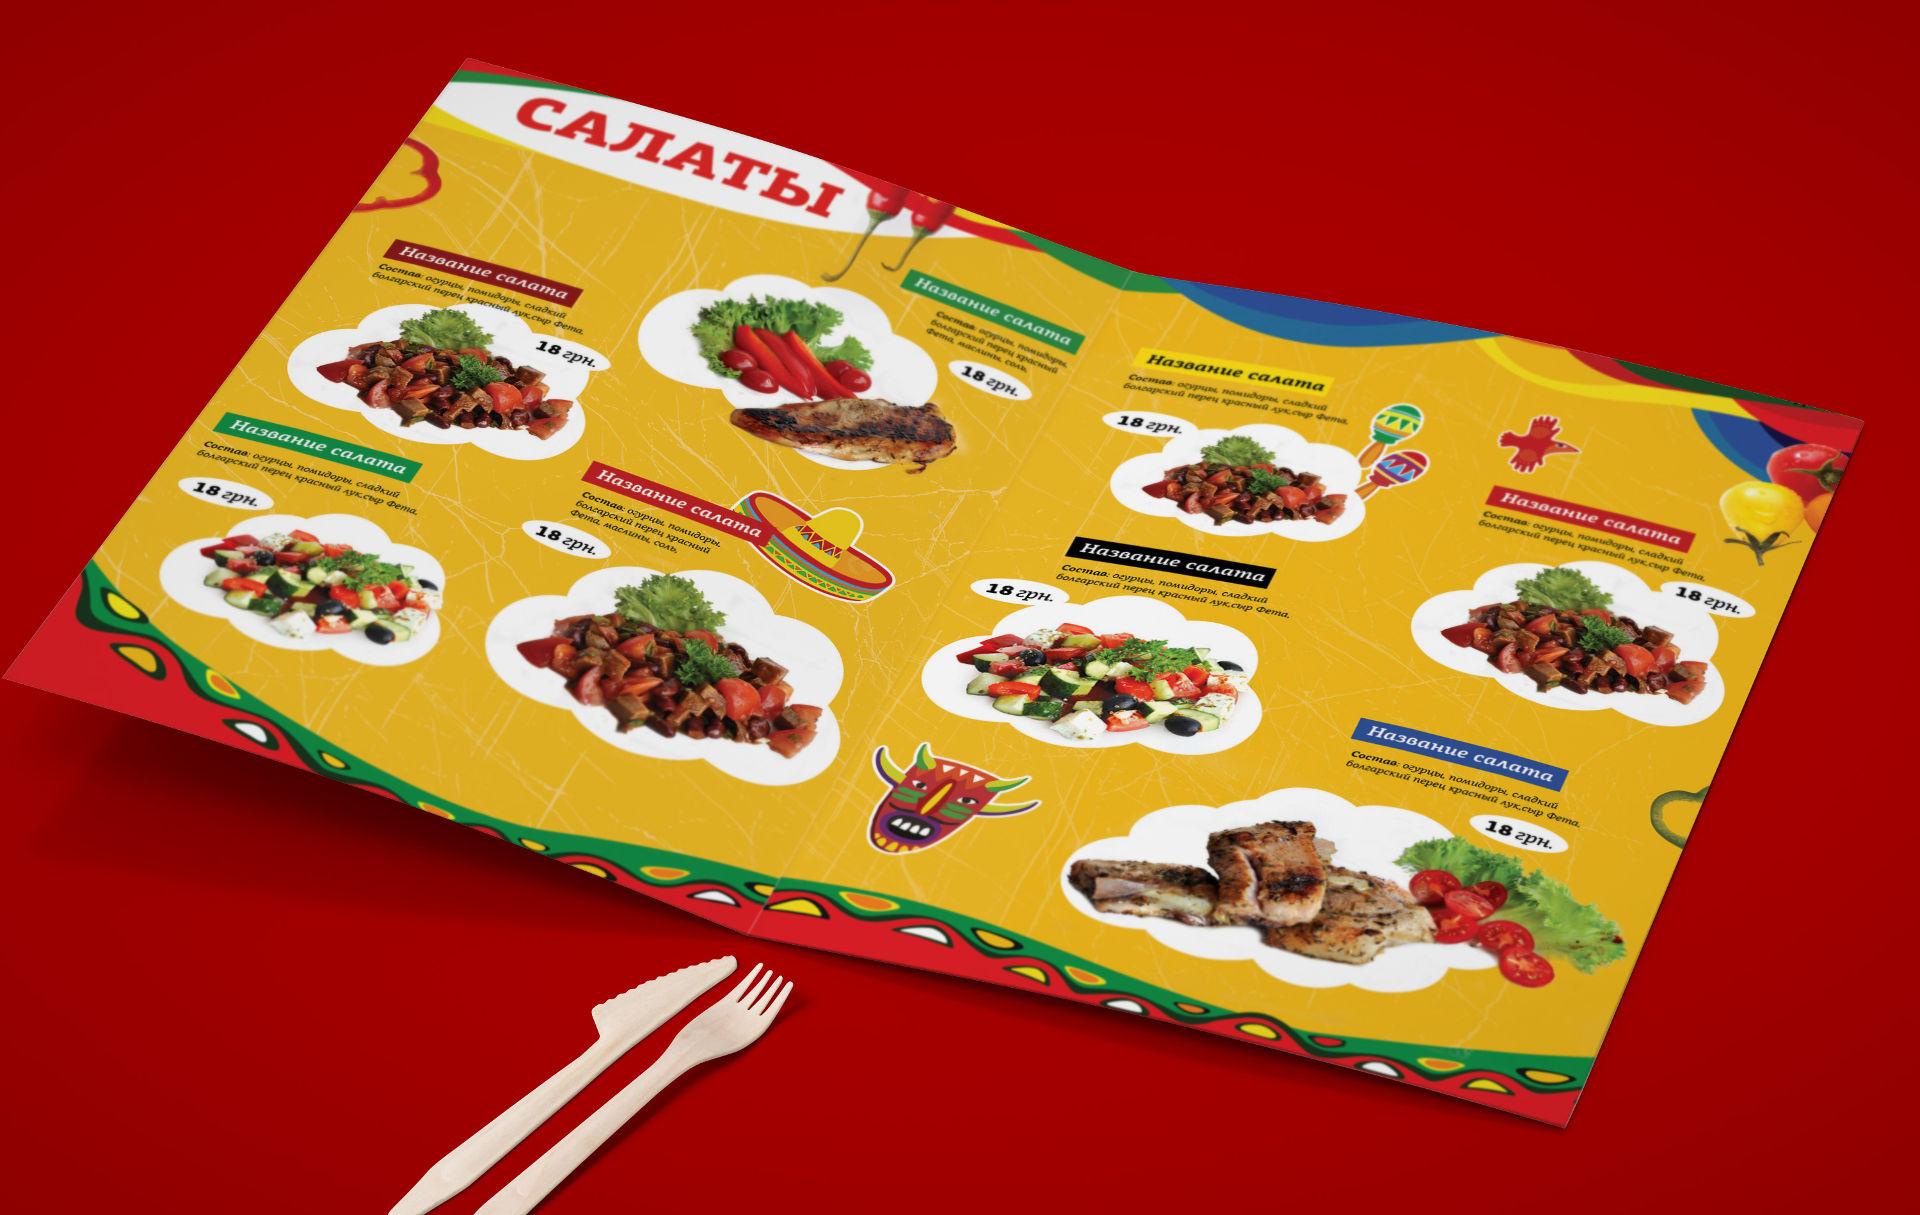 Дизайн menu мексиканского of the restaurant, Mexican restaurant menu design